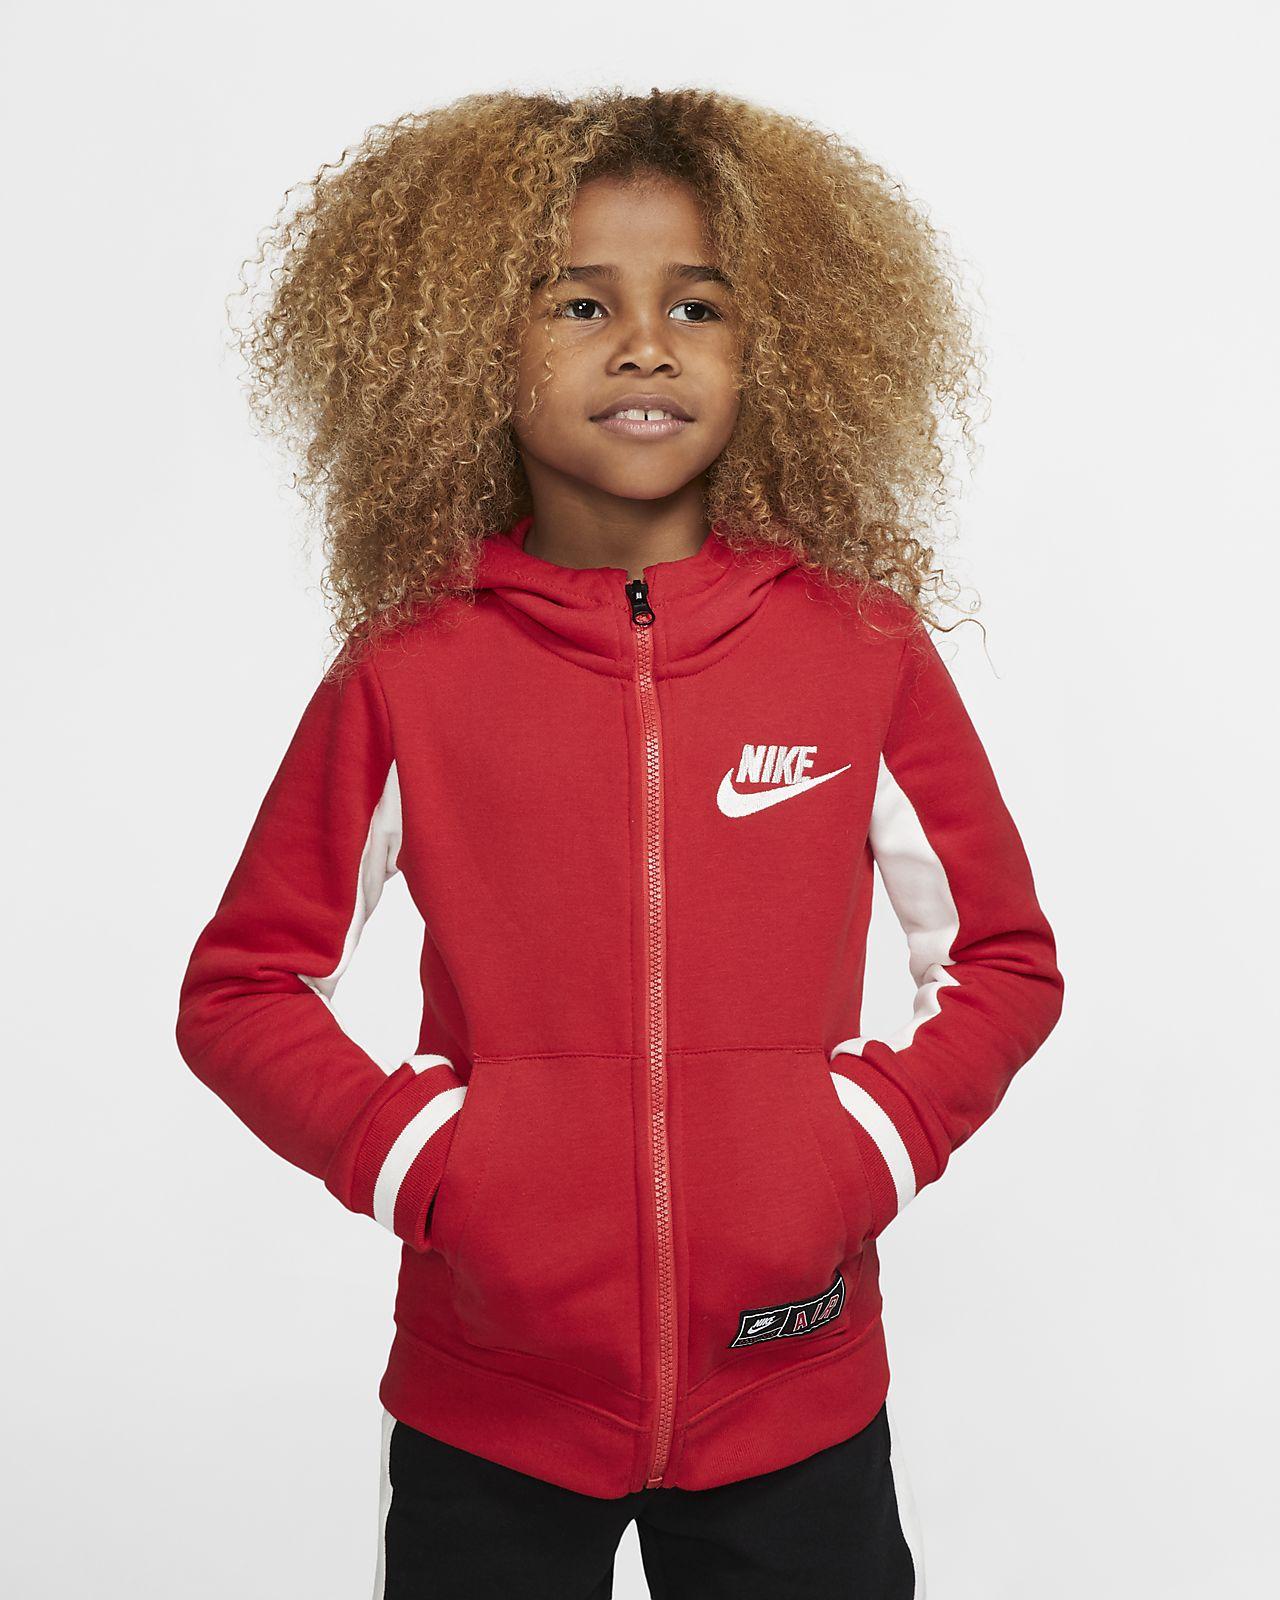 Nike Air 幼童全长拉链开襟起绒连帽衫